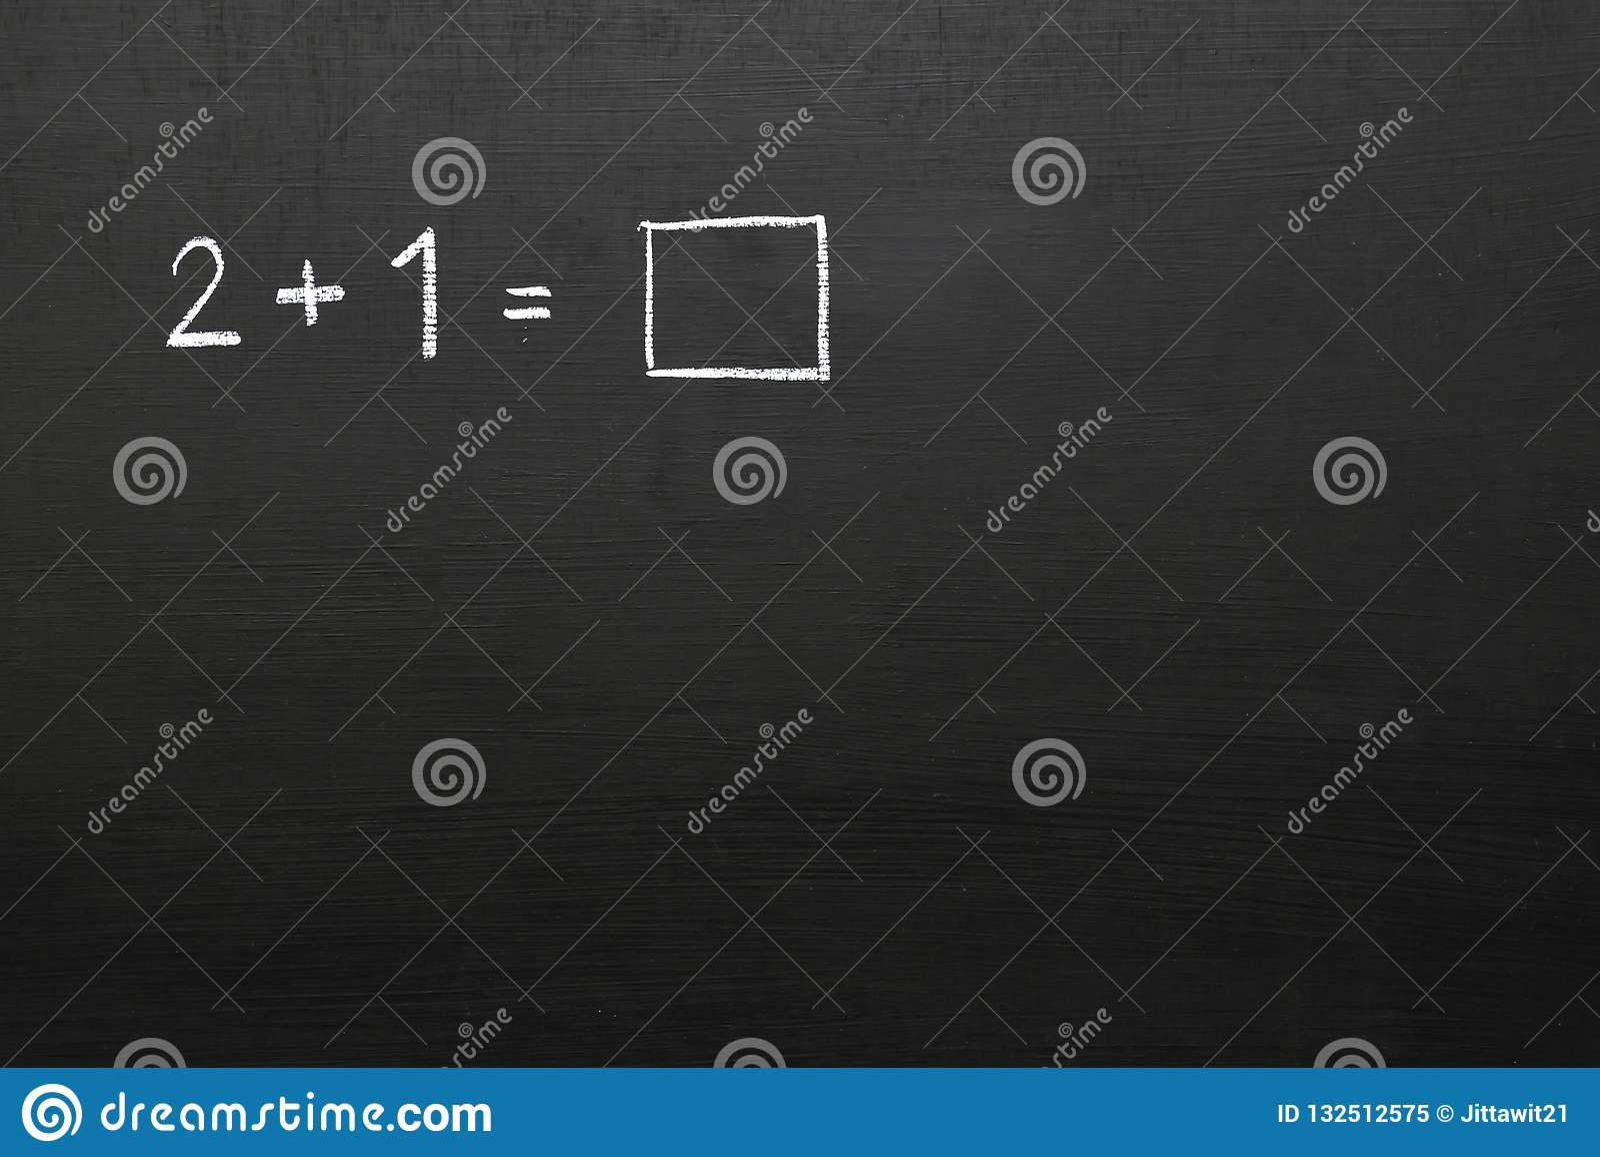 有数学问题的黑板 数字和数学符号u